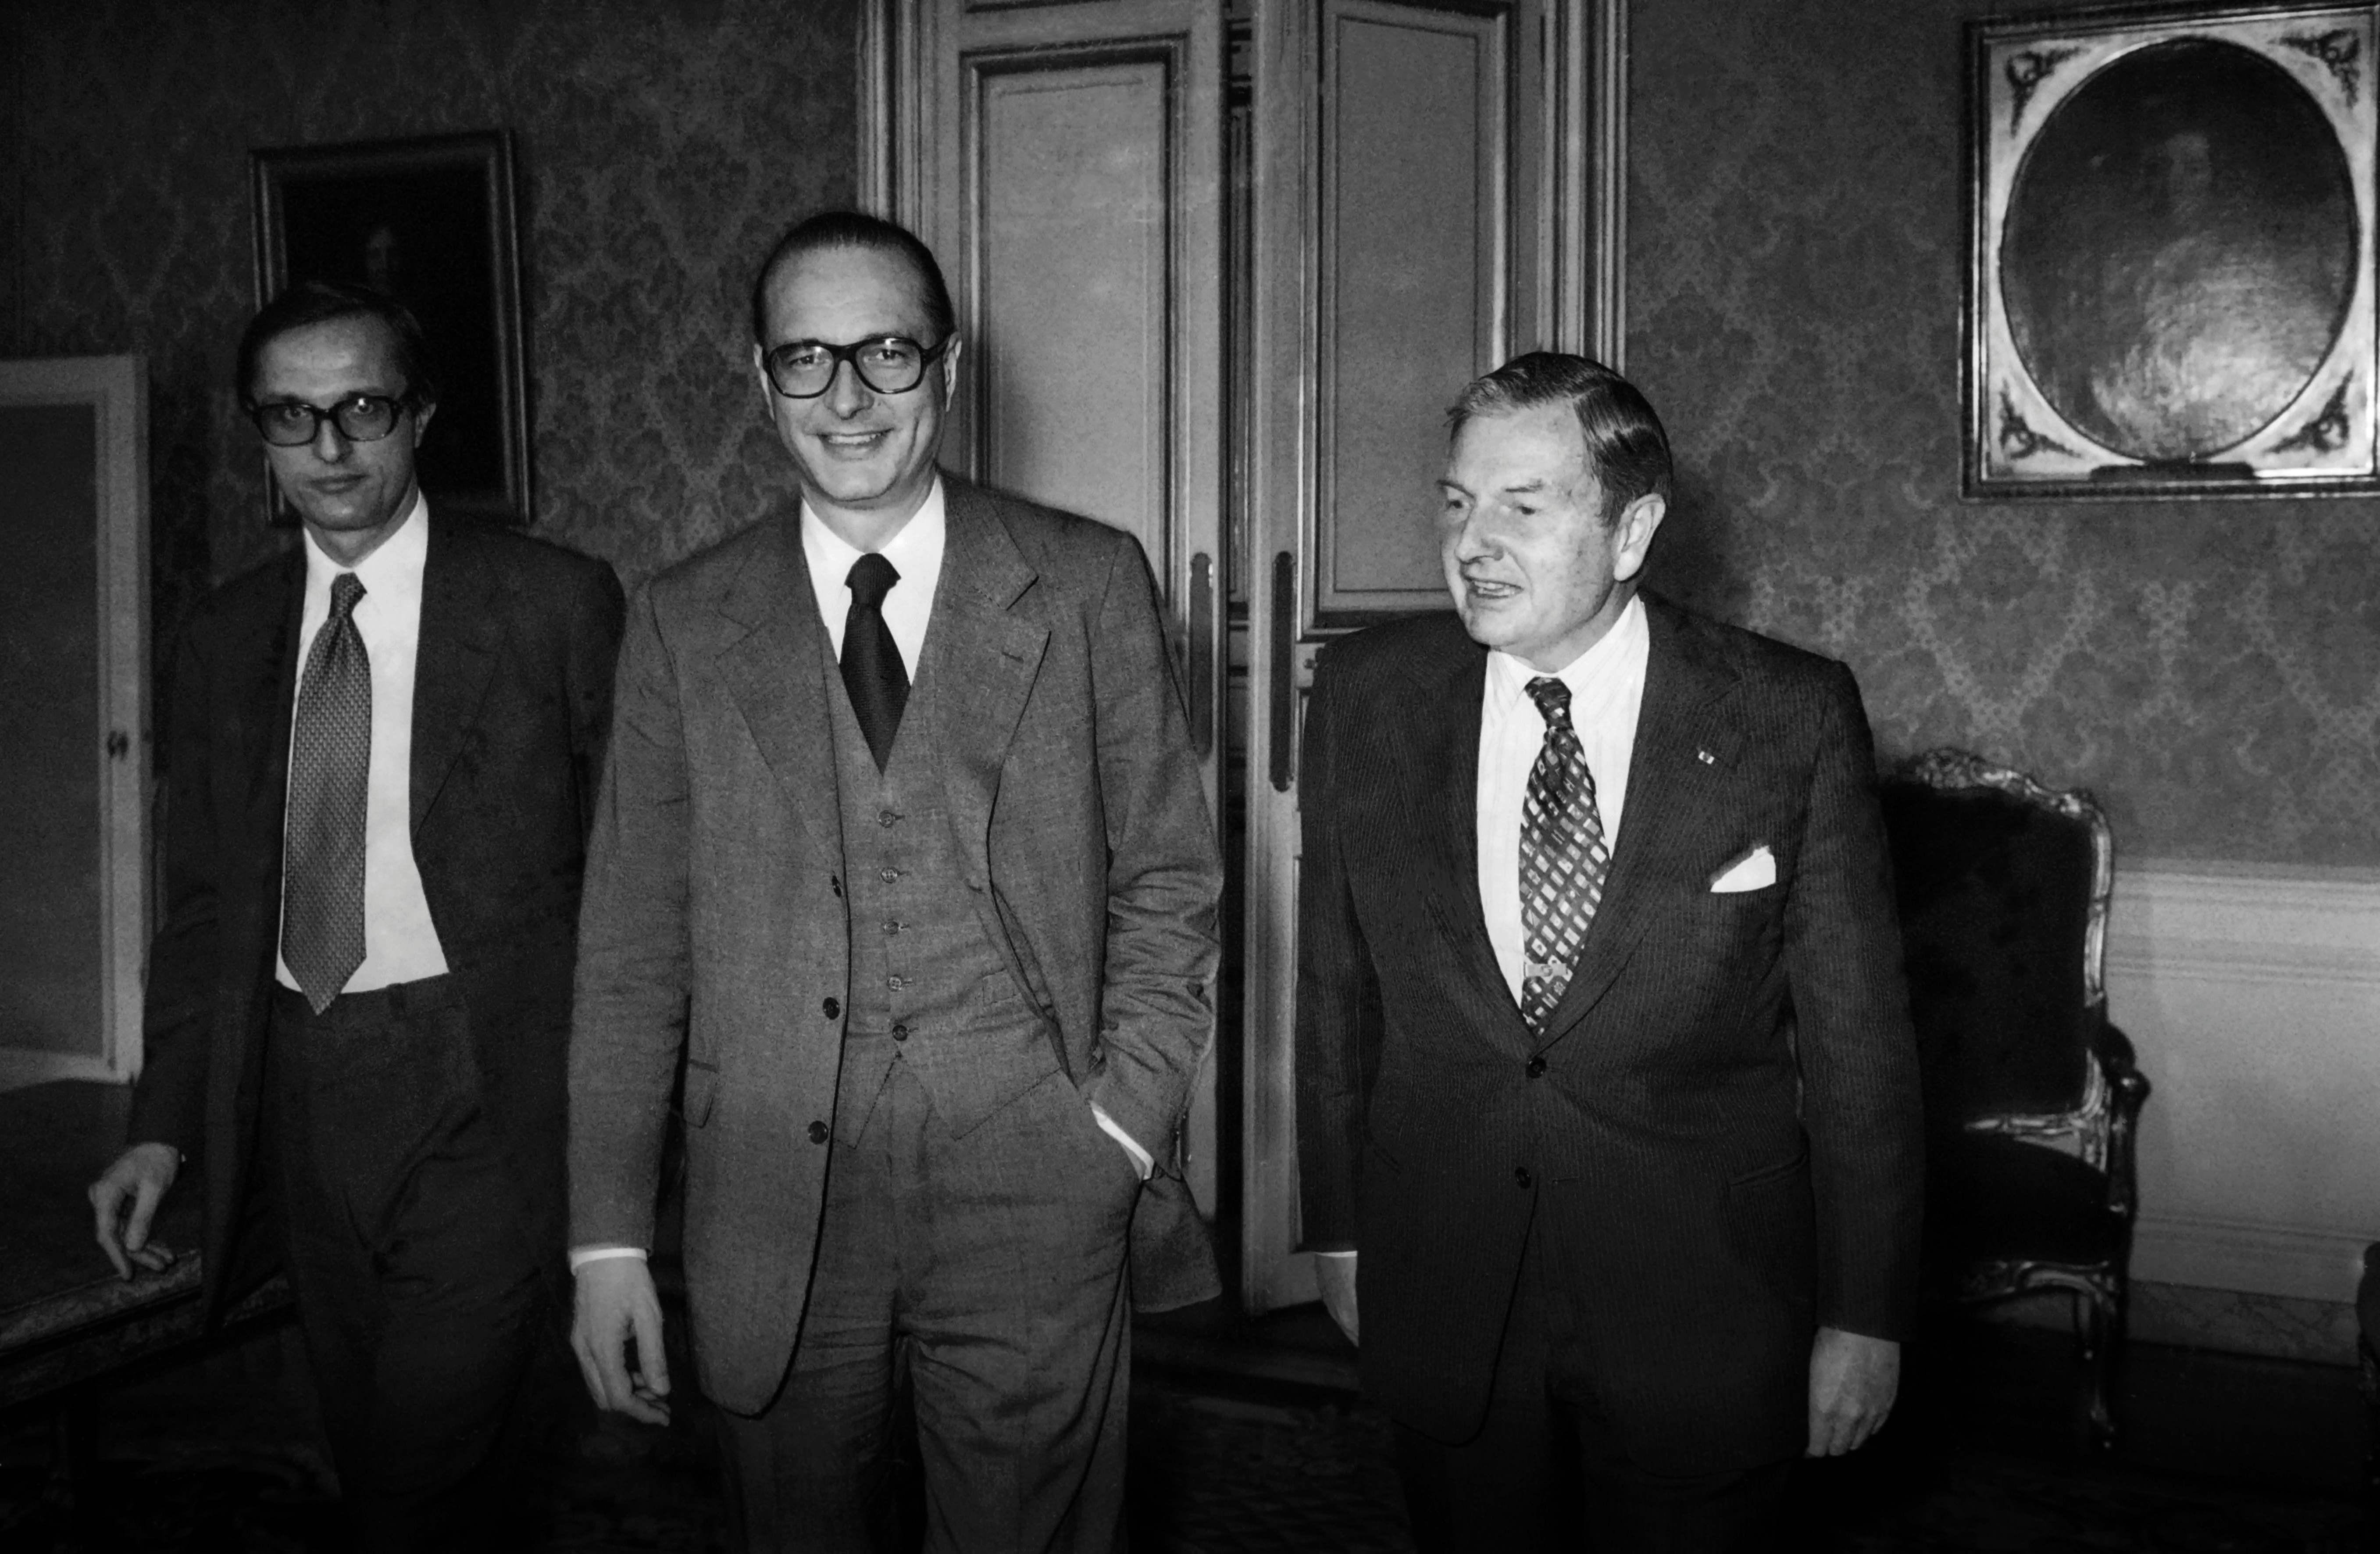 Коллекция Рокфеллеров продана за828 млн. долларов нааукционе Christie's